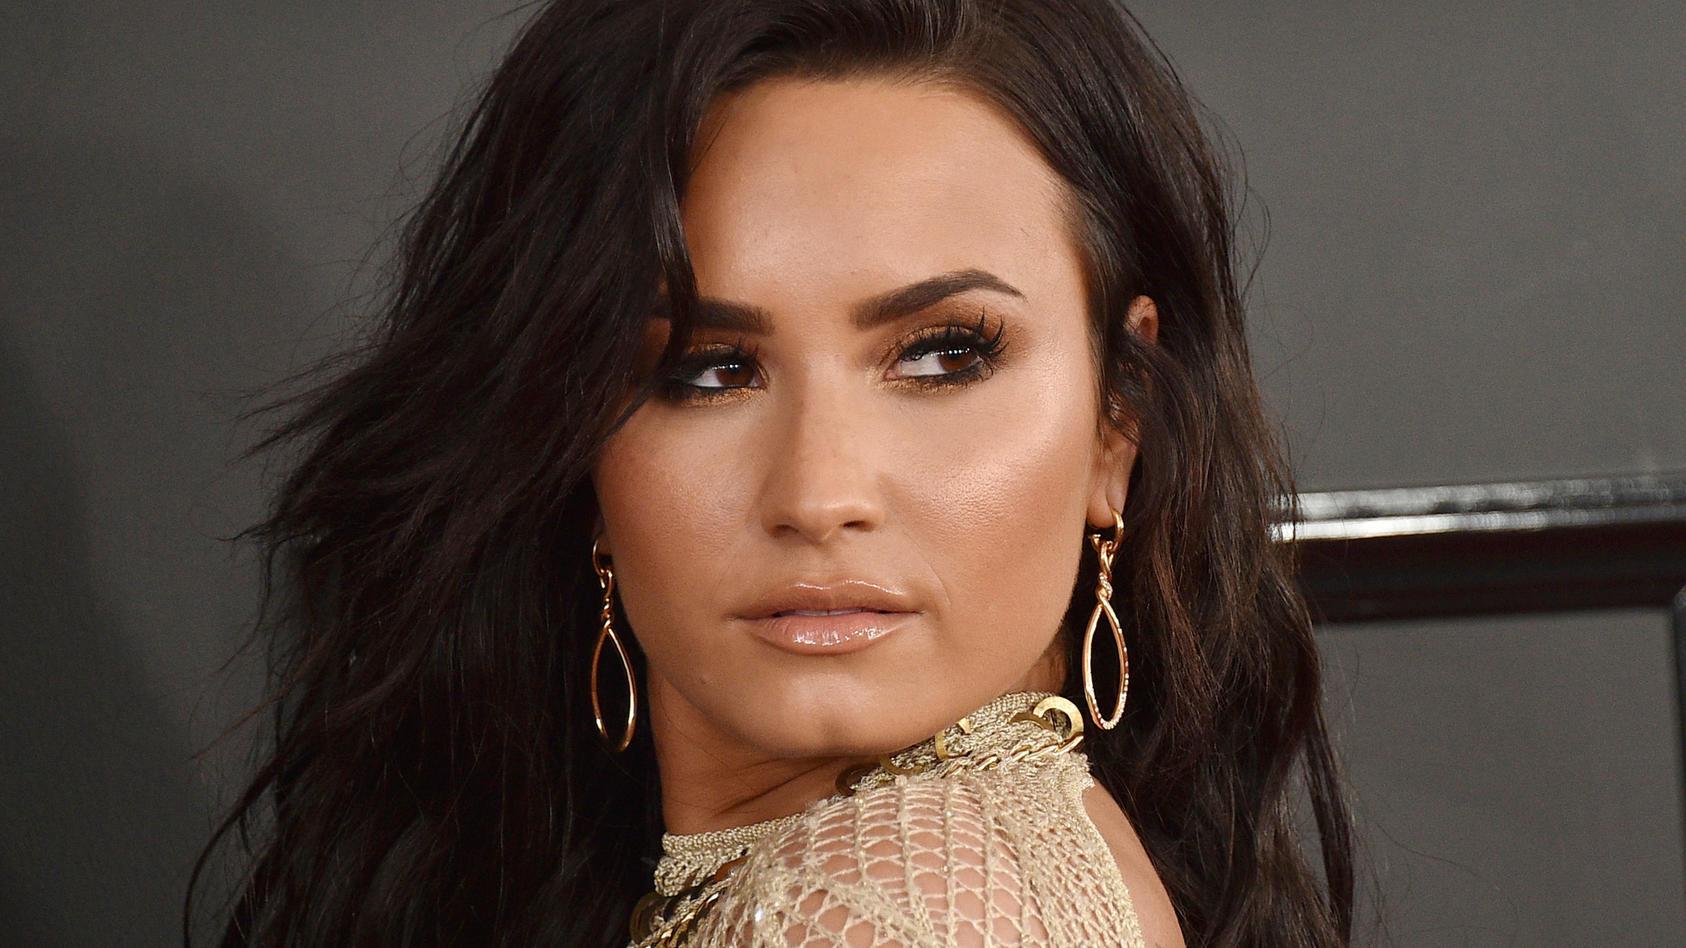 Schauspielerin und Sängerin Demi Lovato hat einen neuen Freund.